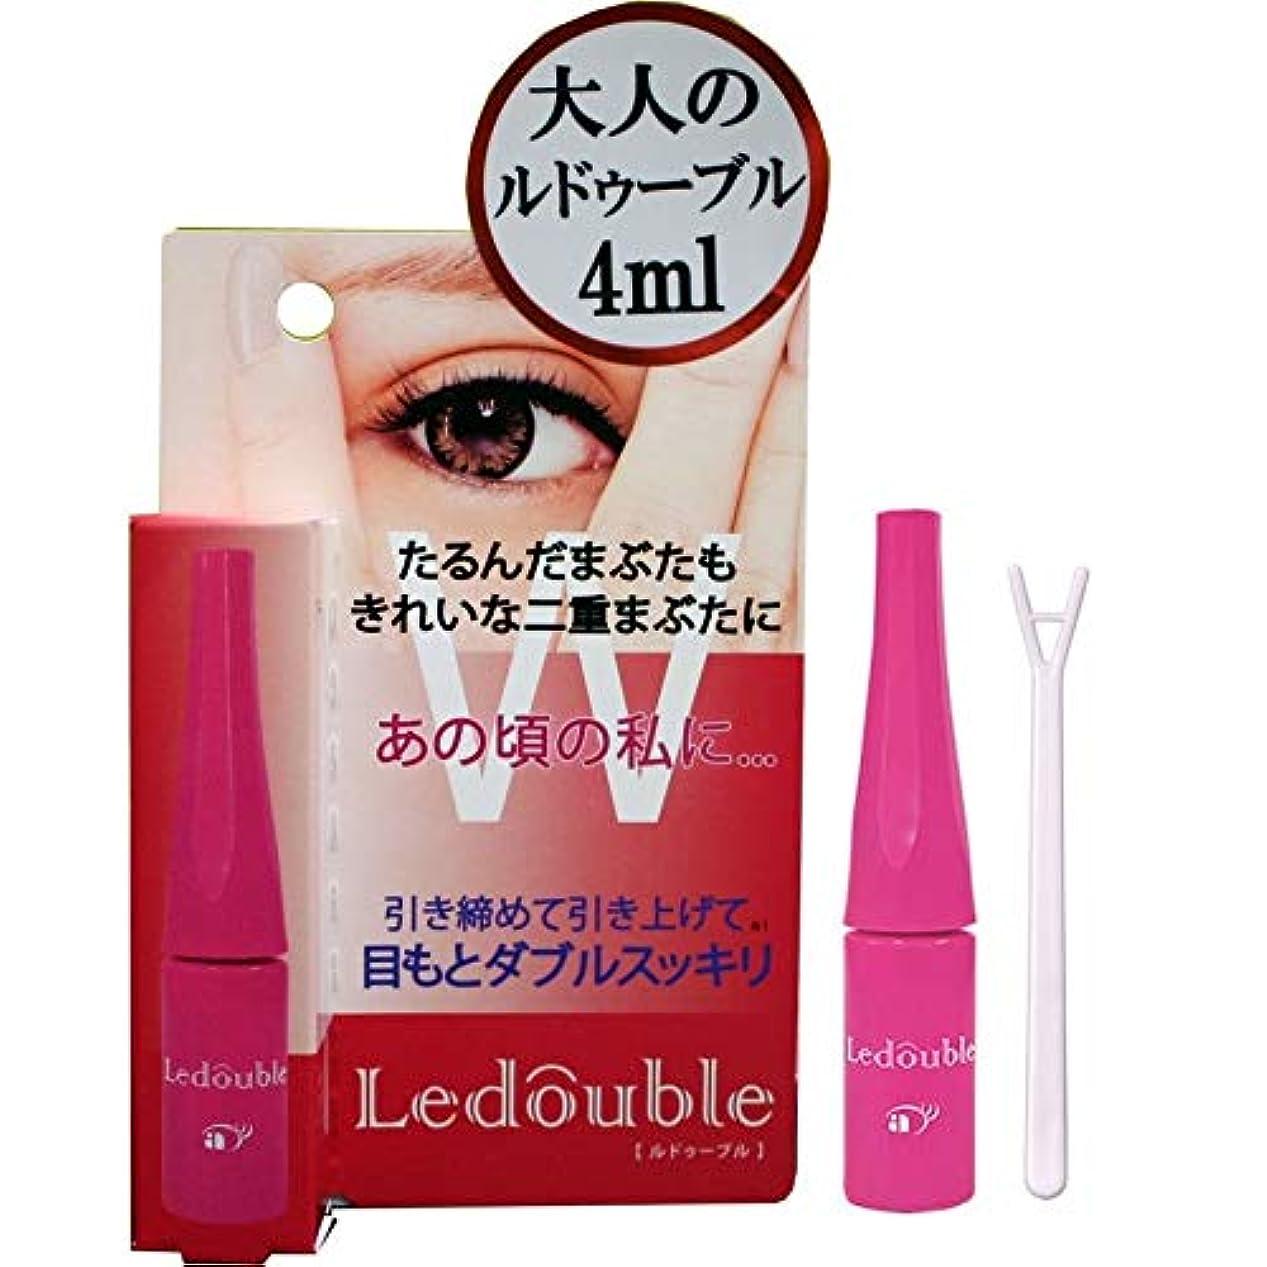 穴インクラベ大人のLedouble [大人のルドゥーブル] 二重まぶた化粧品 (4mL)